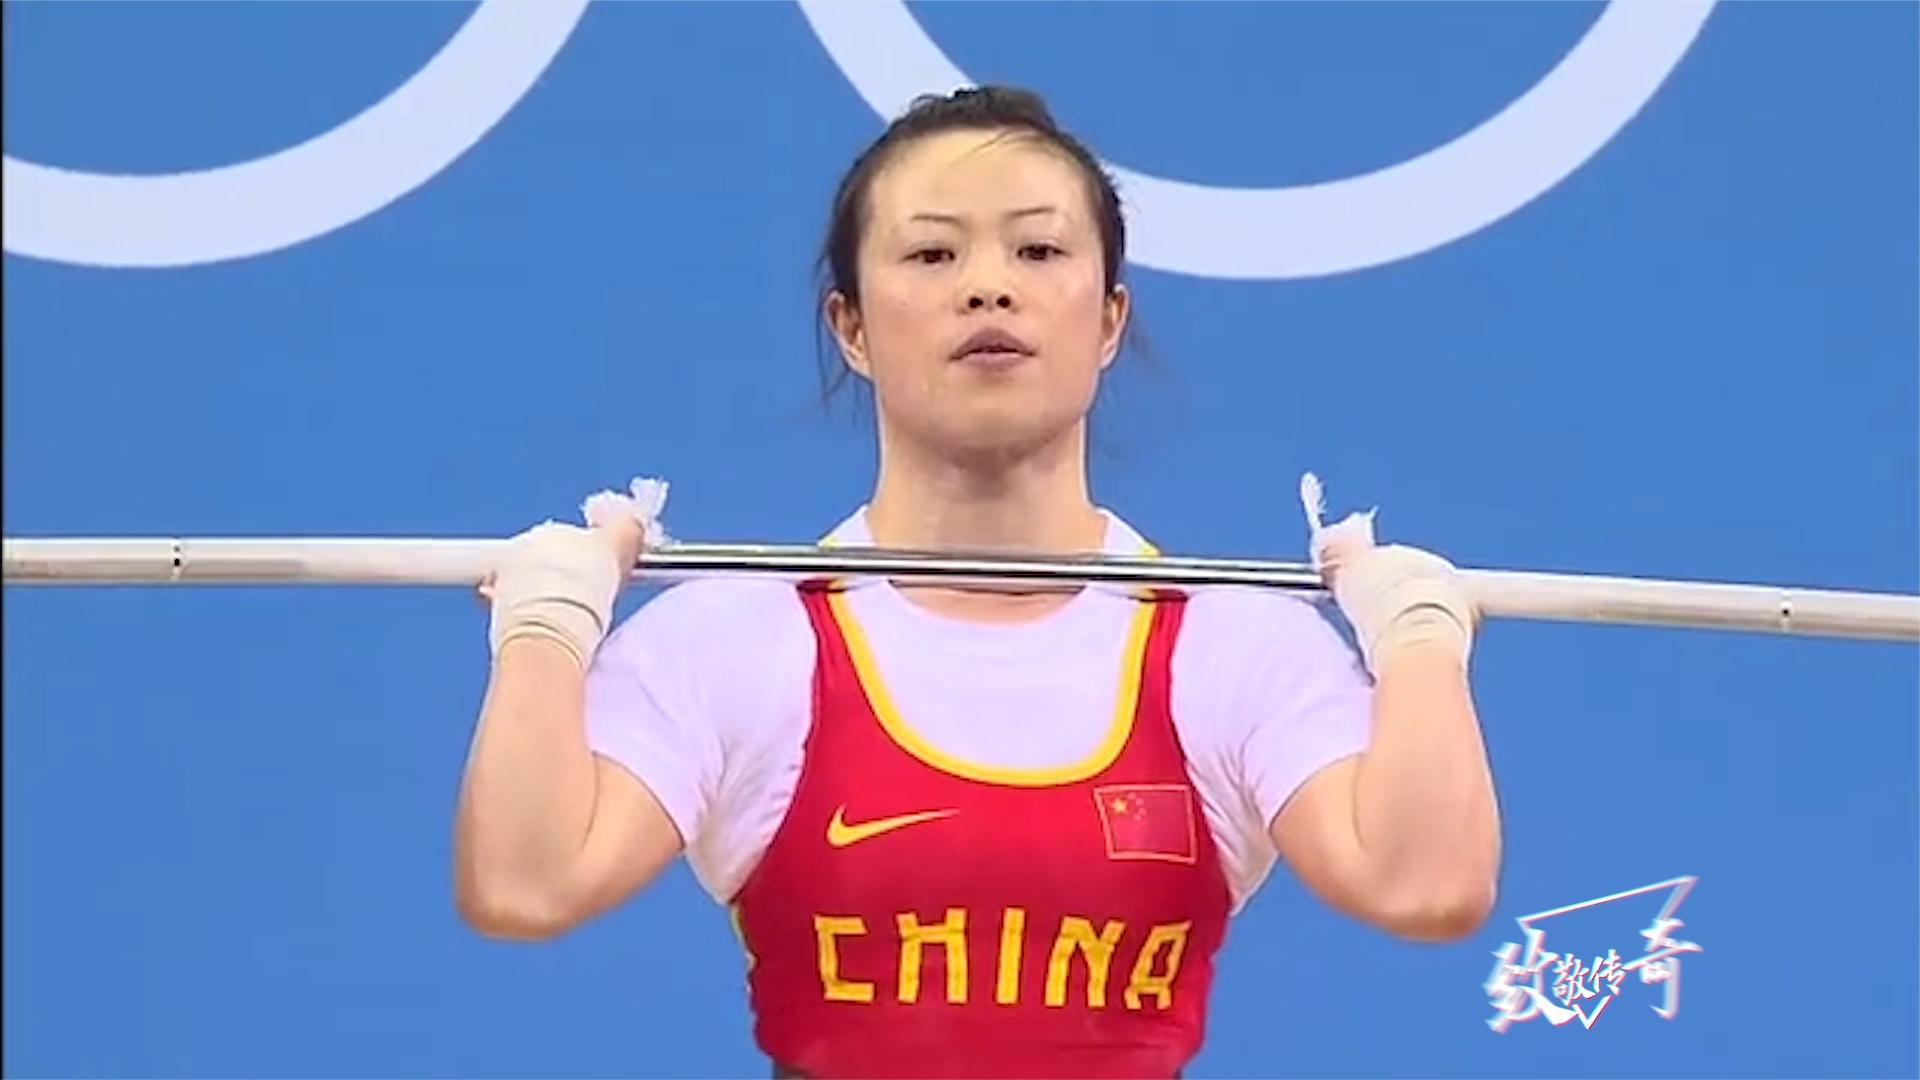 王明娟12年尝尽酸辣苦 只为拿下金牌那一刻的甜